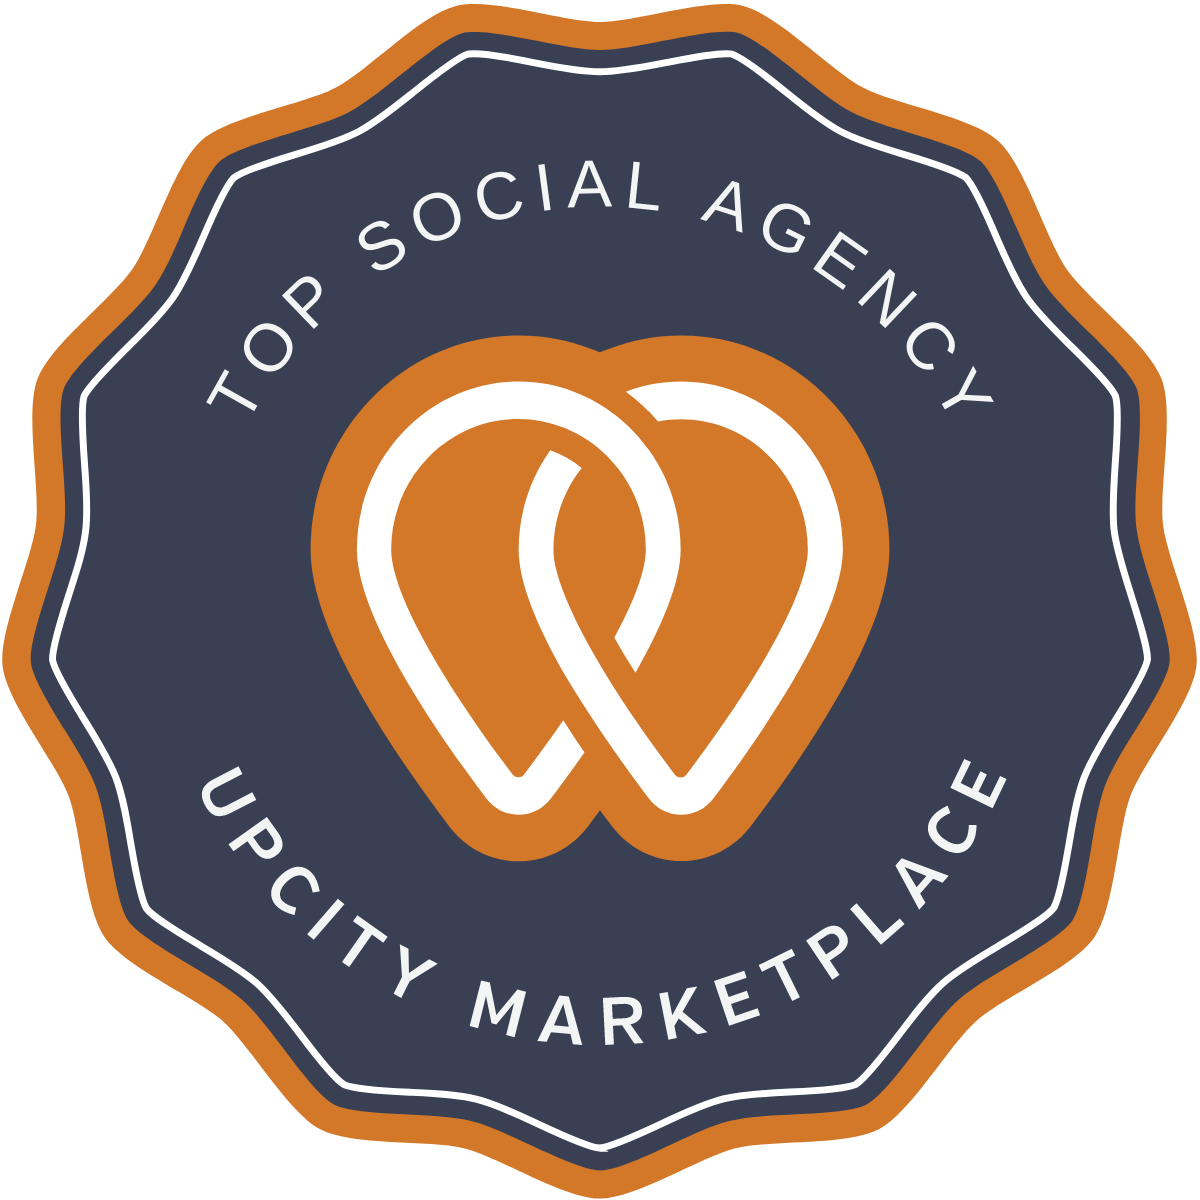 TOP SOCIAL AGENCY